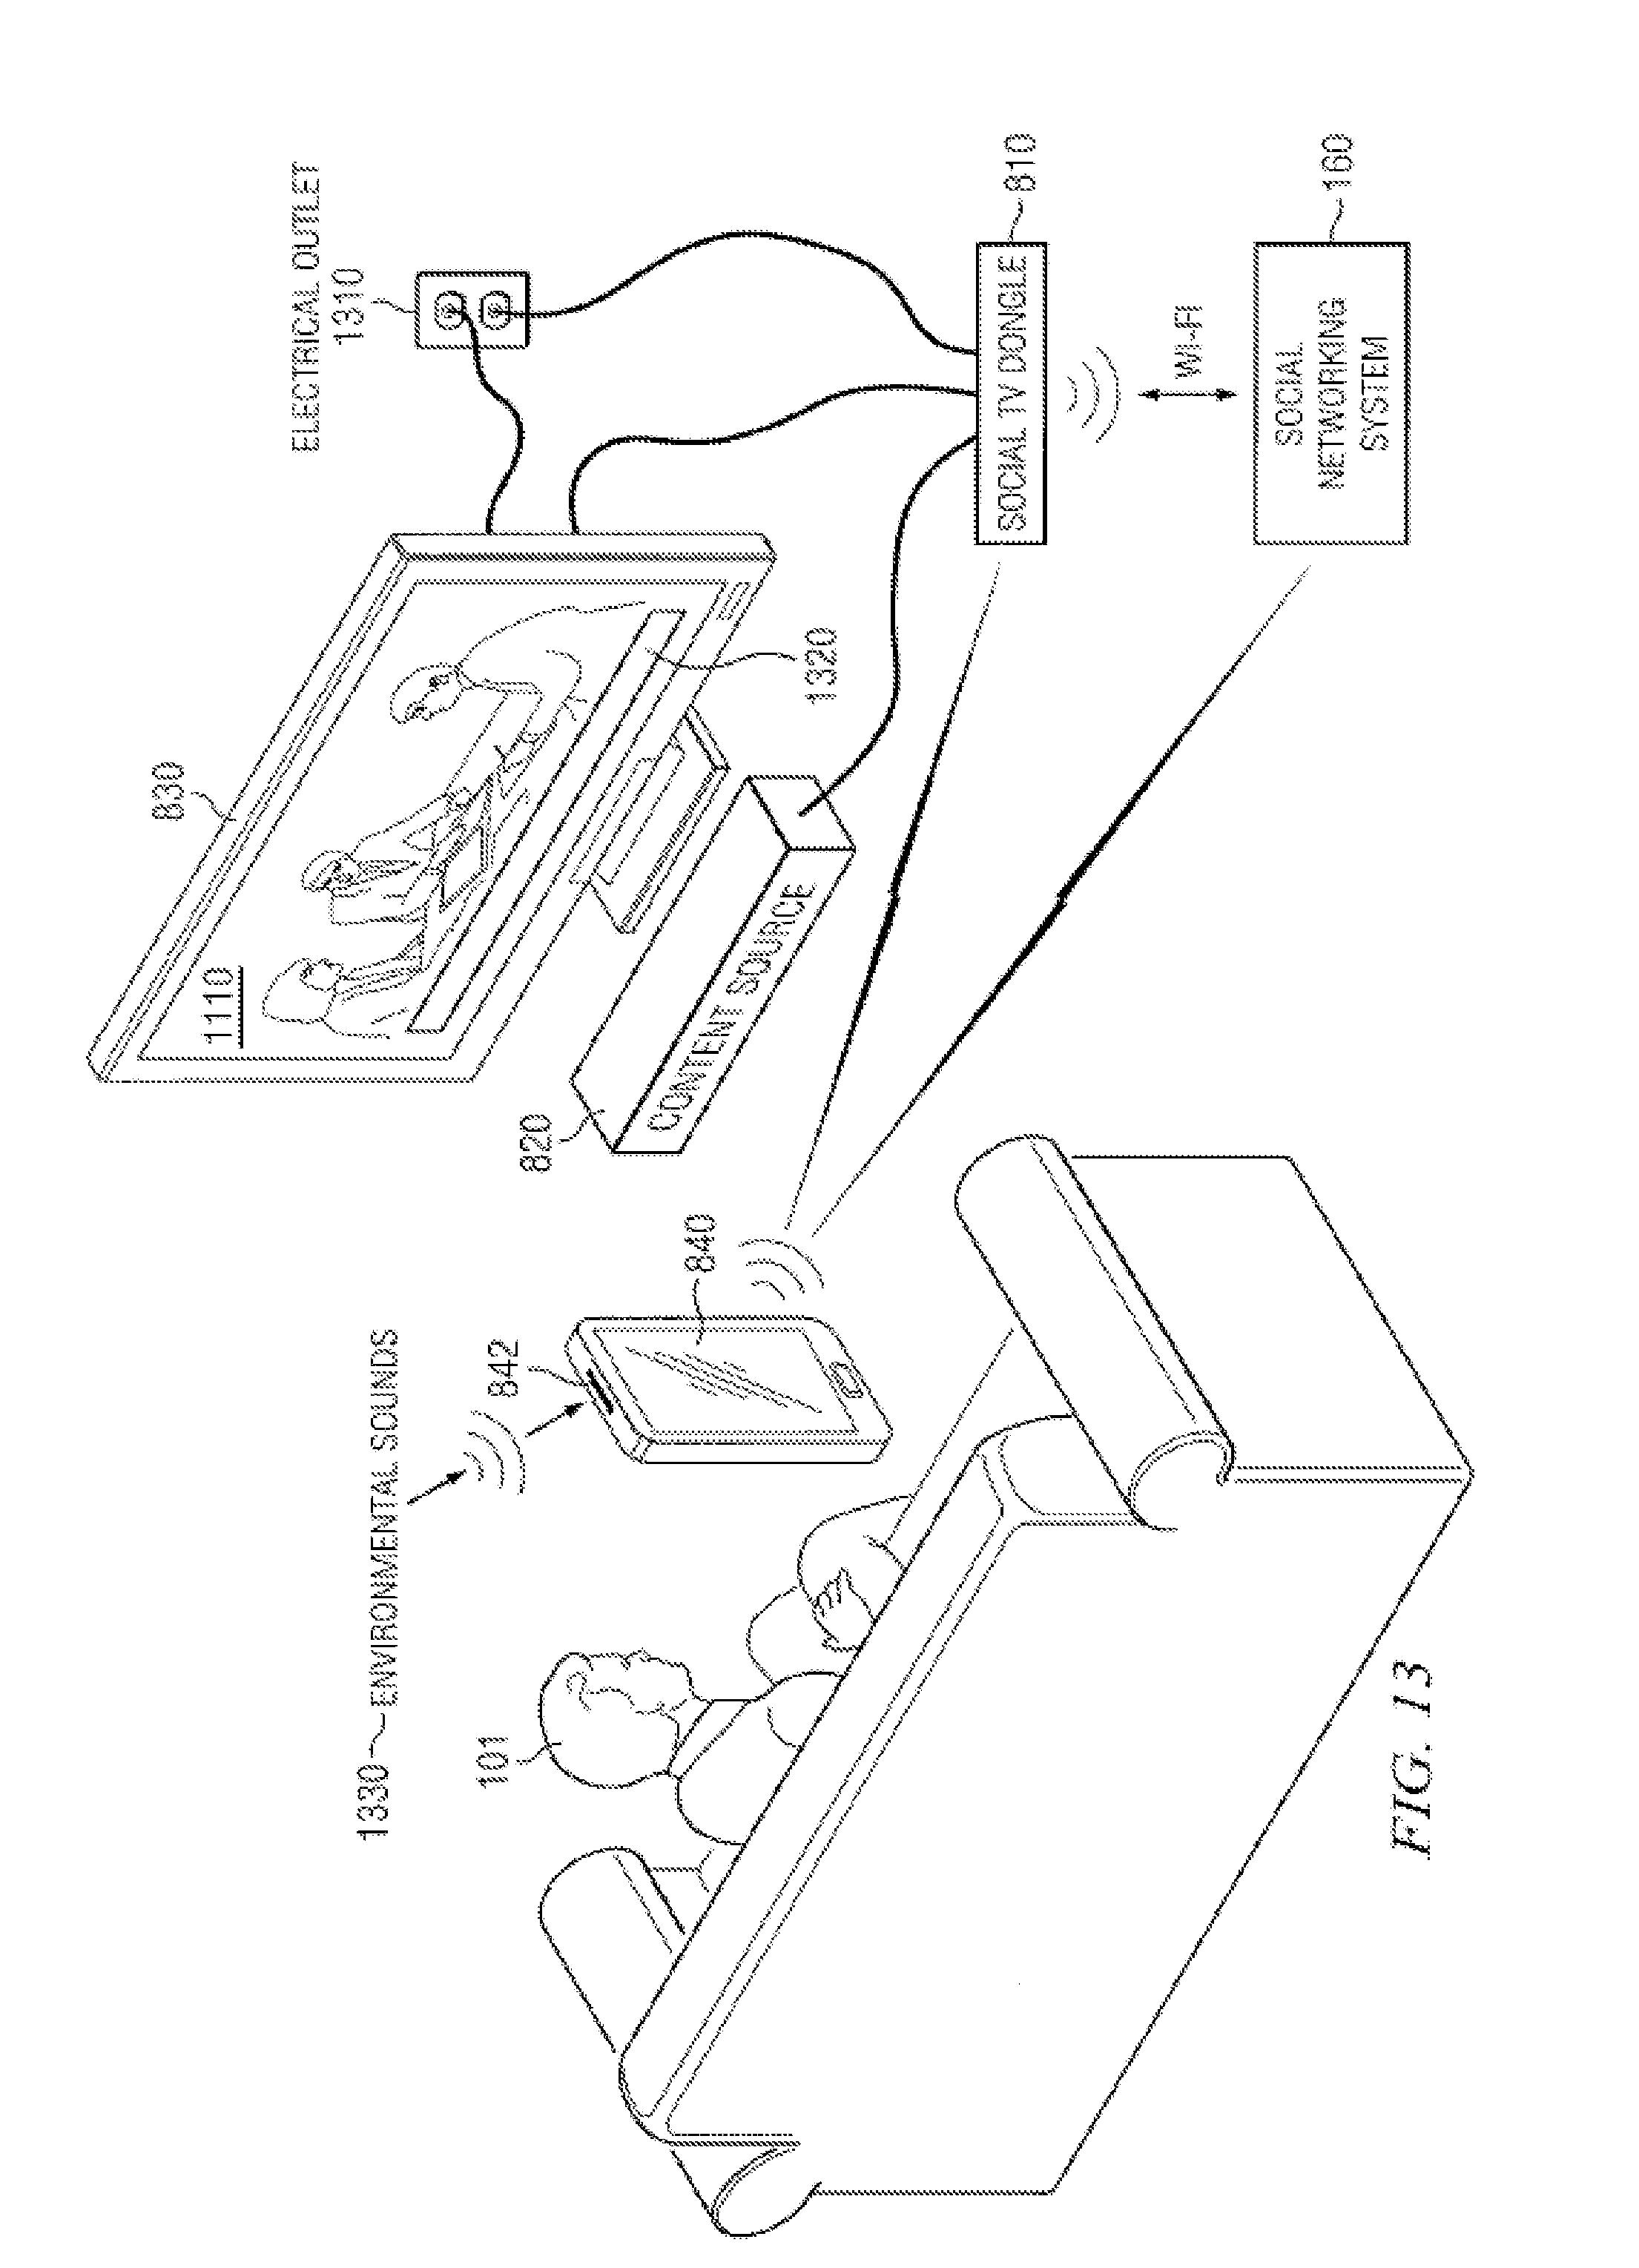 Speaker Wiring Diagram 1964 Galaxie, Speaker, Free Engine